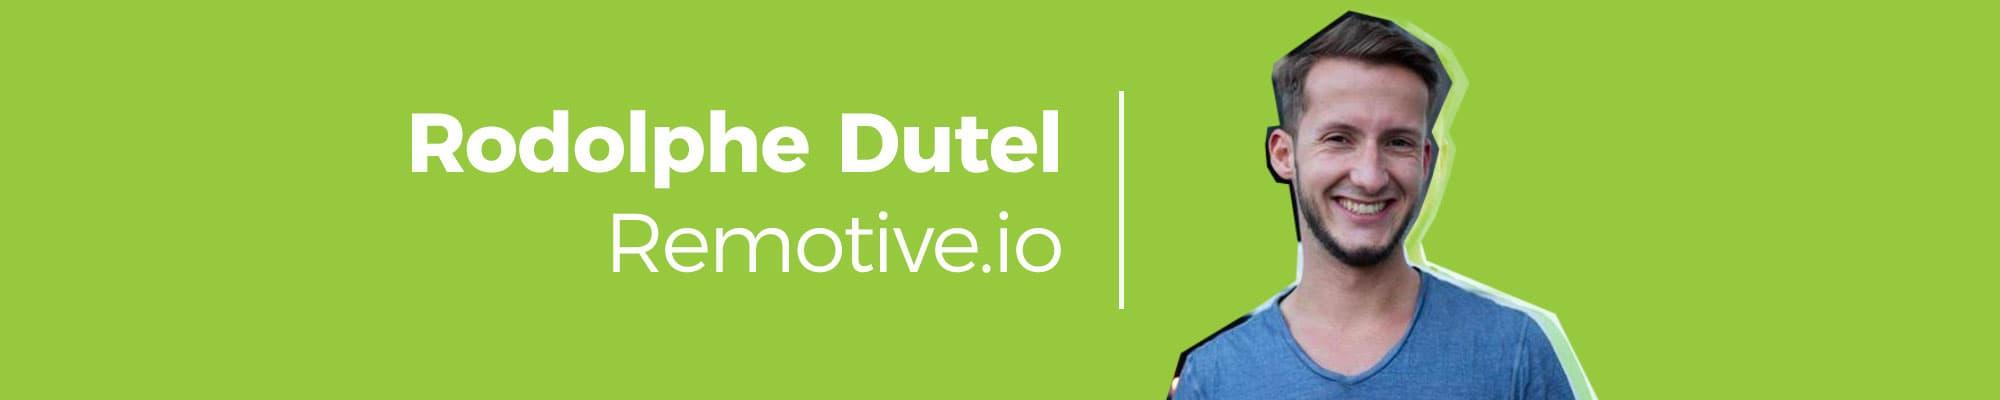 Rodolphe Dutel fondateur de Remotive.io entrepreneur inspirant